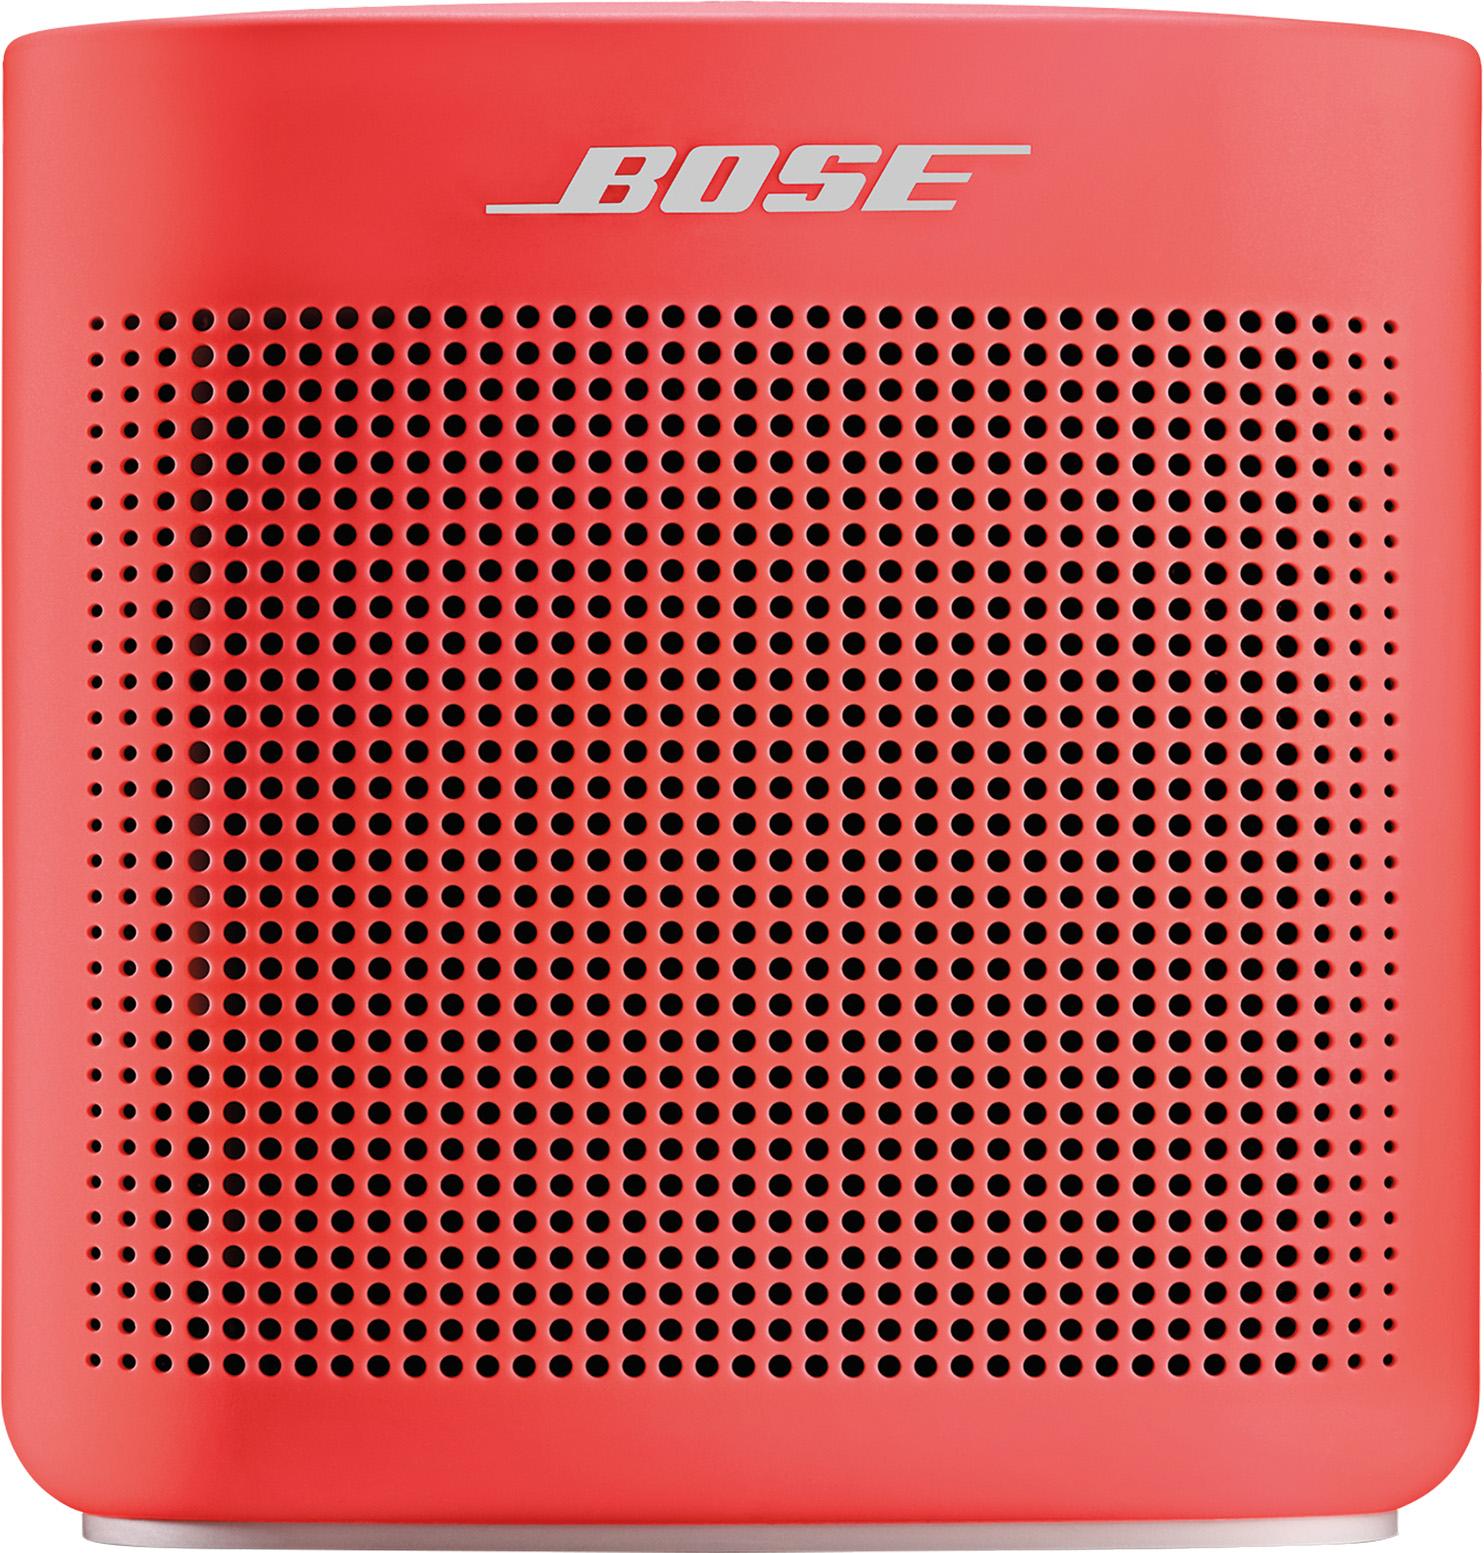 RE1ogD6?ver=52f3 - Bose SoundLink Color Bluetooth Speaker II (Coral Red)